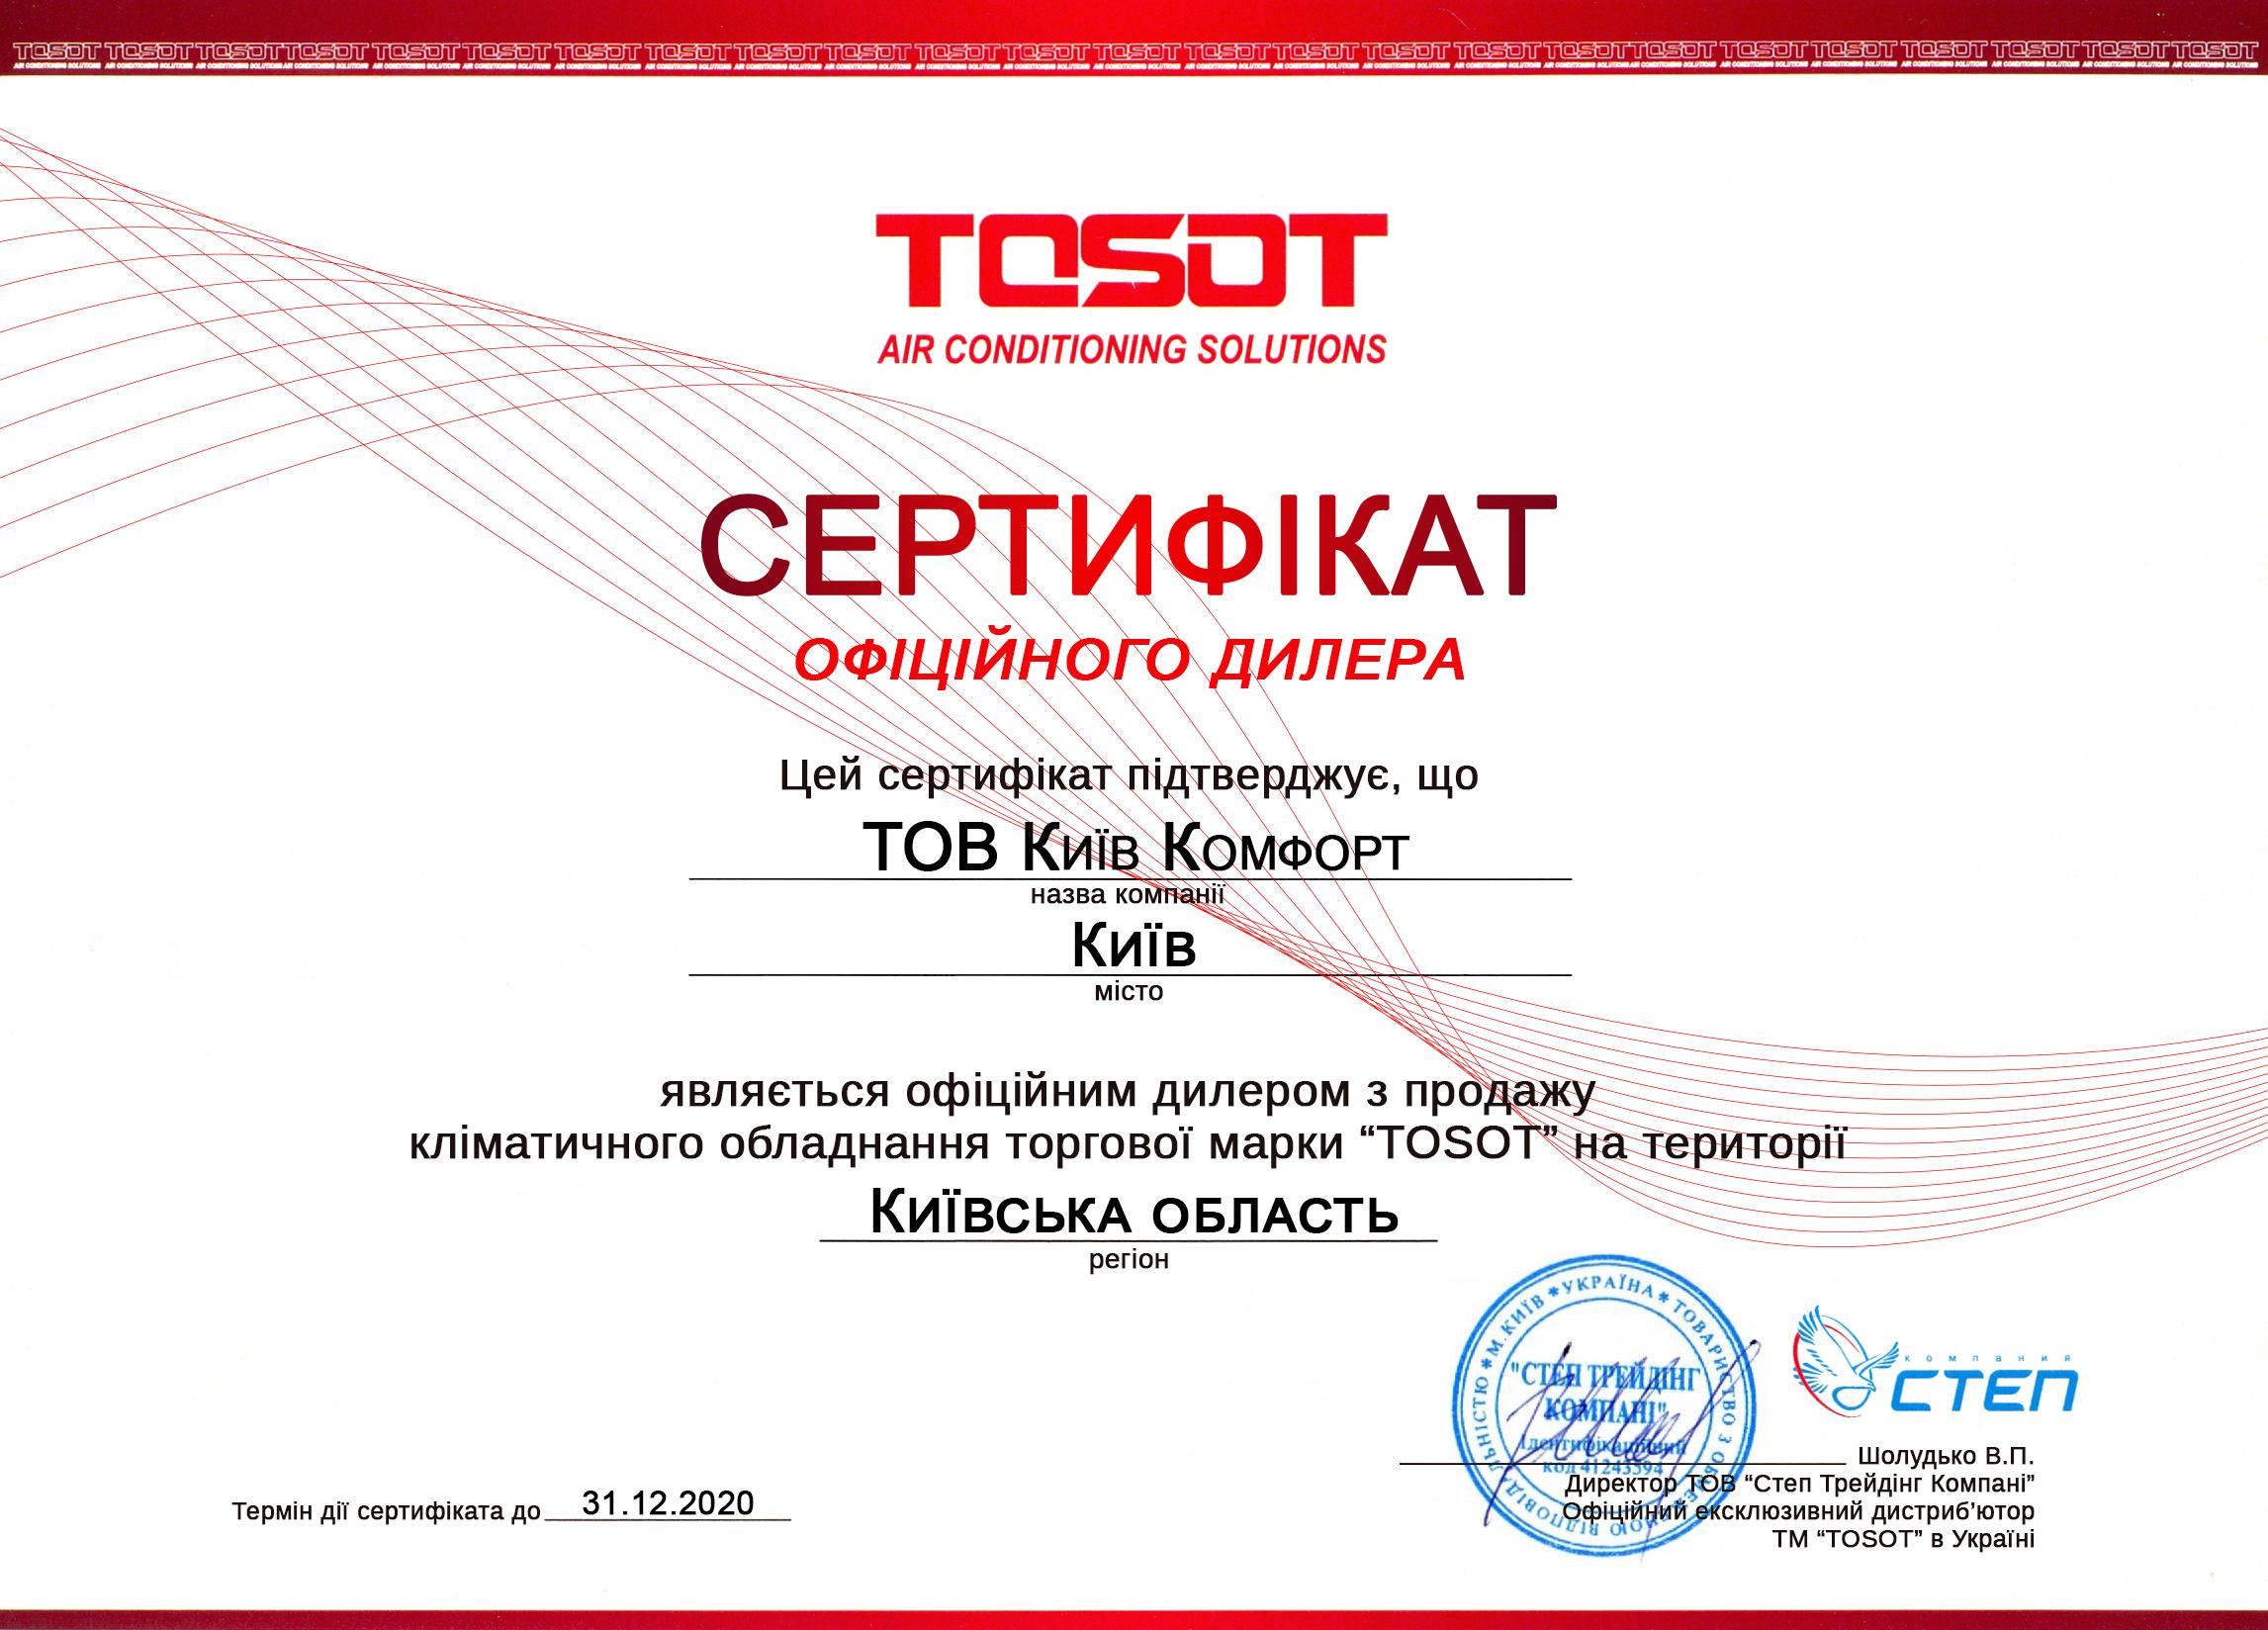 Сертификат официального диллера TOSOT 2019